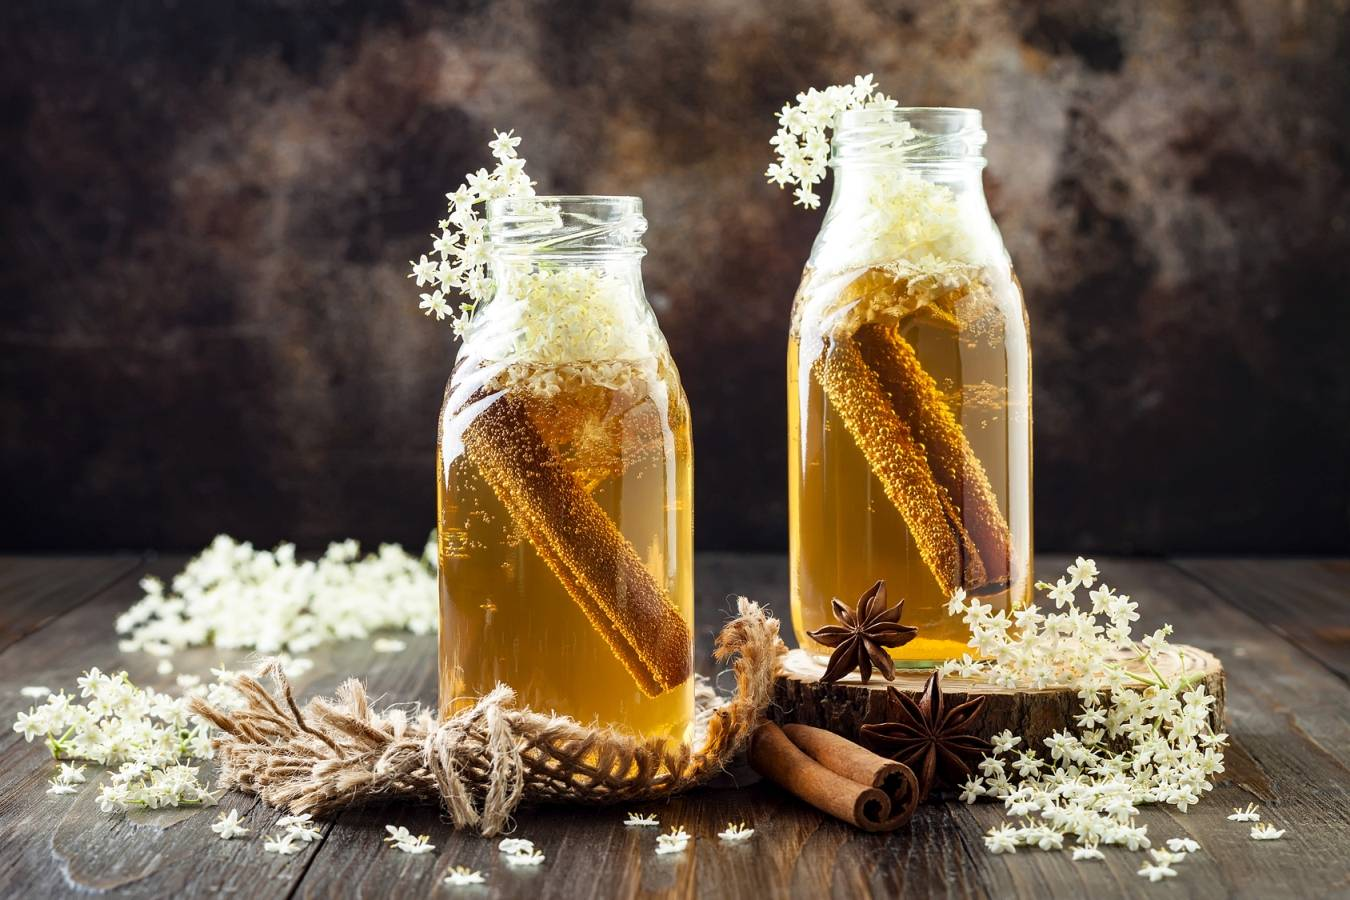 Jak leczyć przeziębienie według medycyny chińskiej? Syrop z kwiatów czarnego bzu i cynamonu w szklanych butelkach na drewnianym blacie.